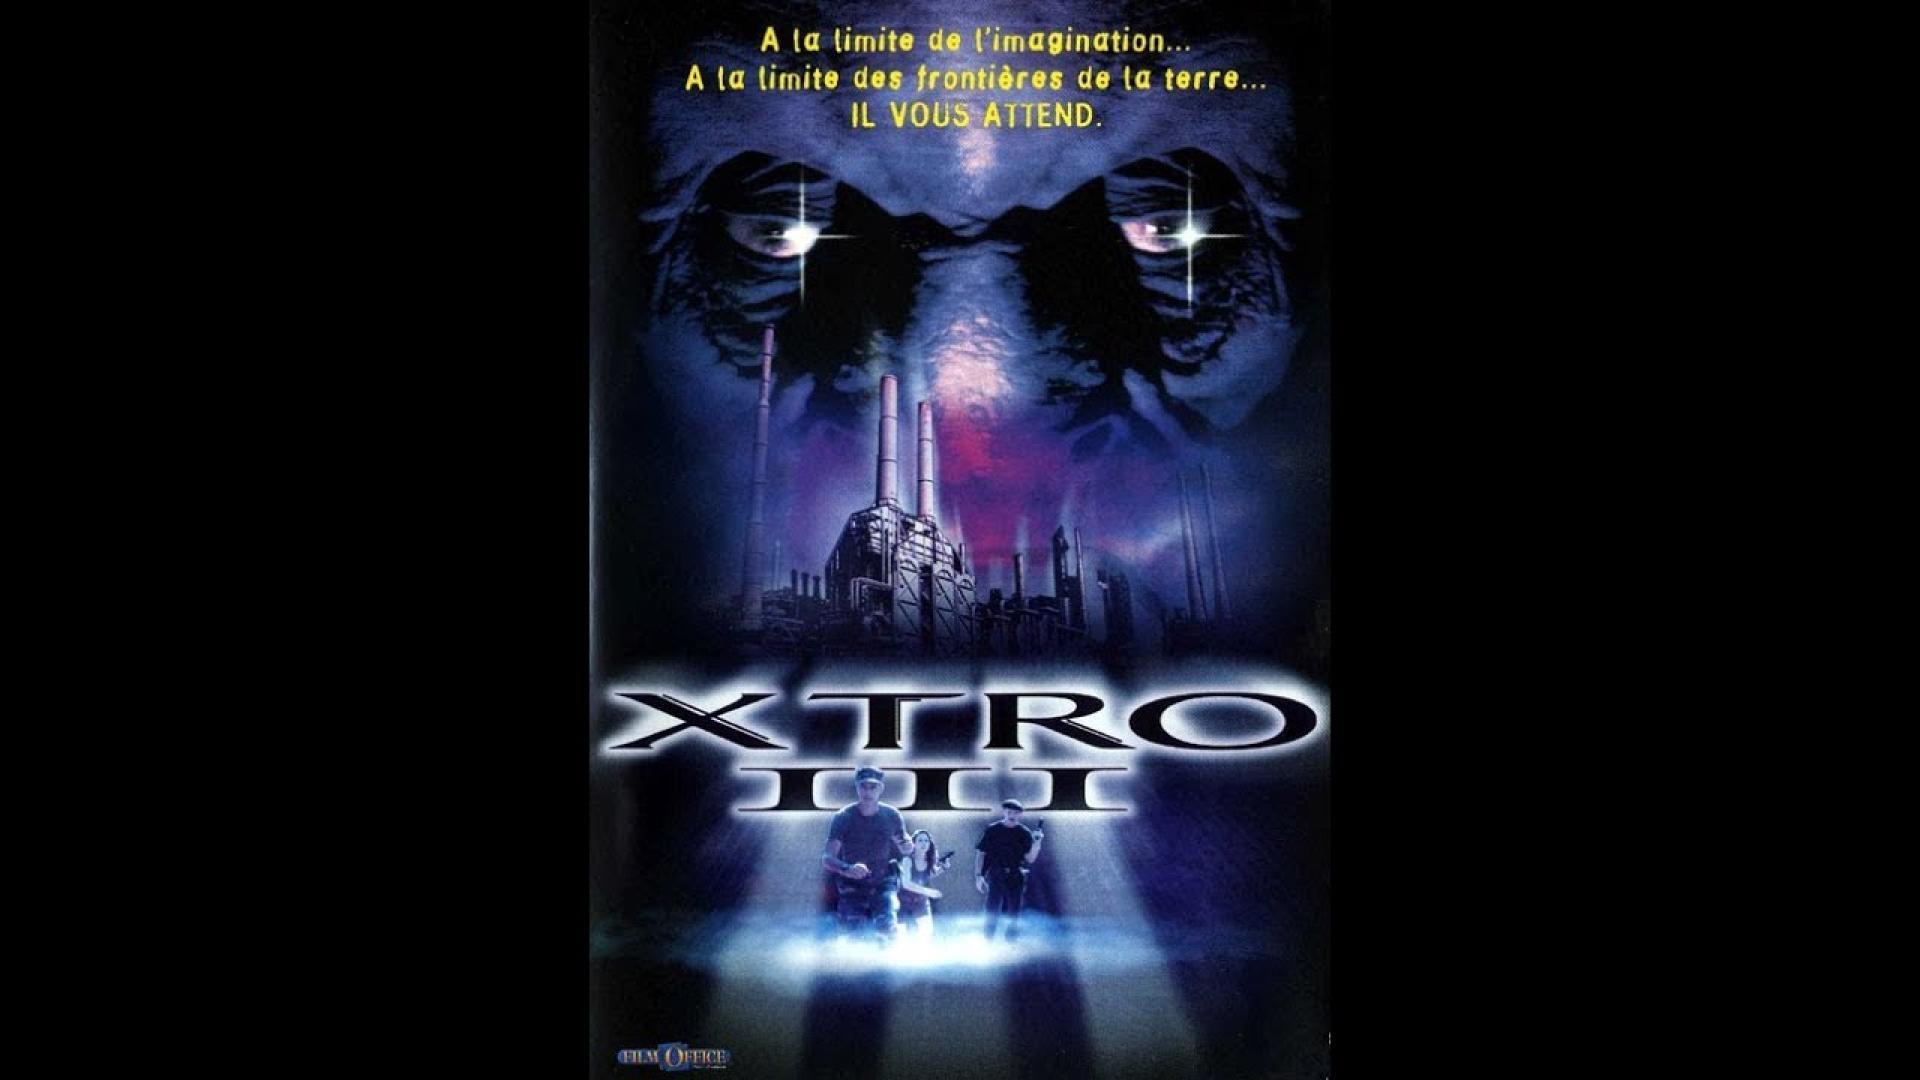 Xtro 3: Watch the Skies / XTRO 3: Folytatódik a rettegés